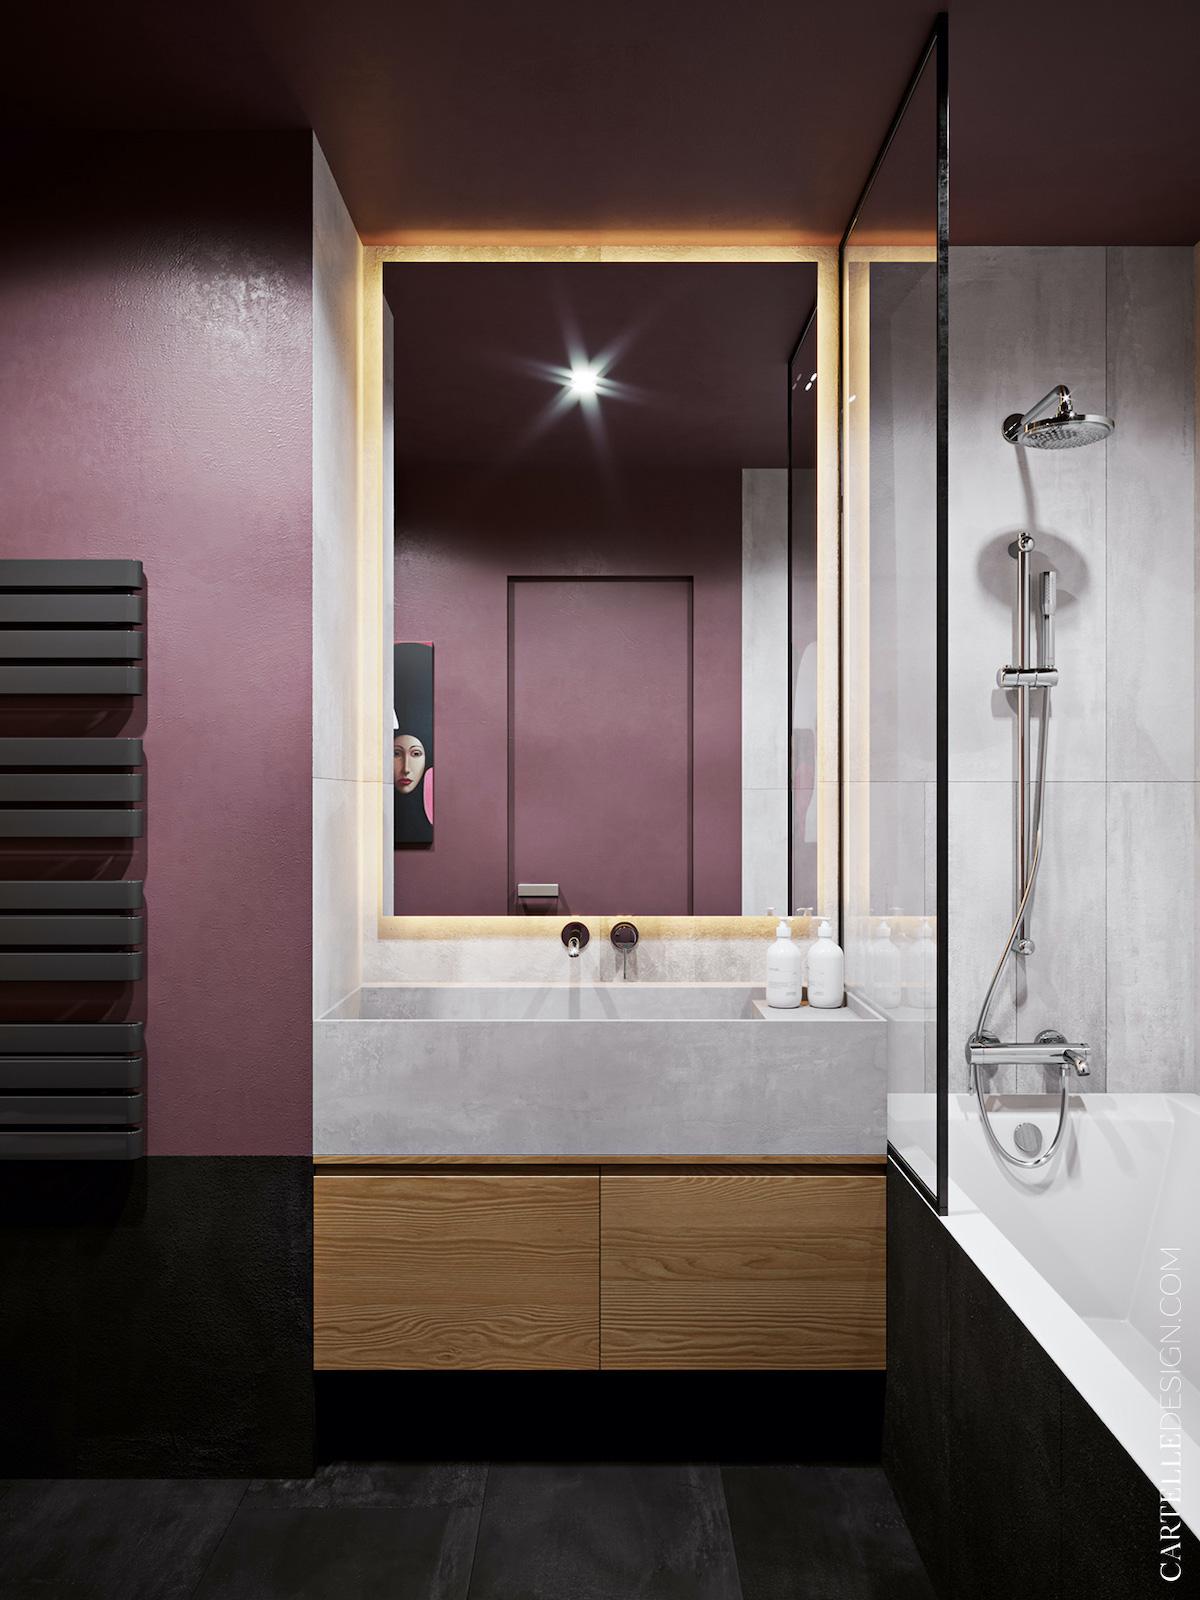 salle de bains prune gris noir blanche douche appartement 3 pièces